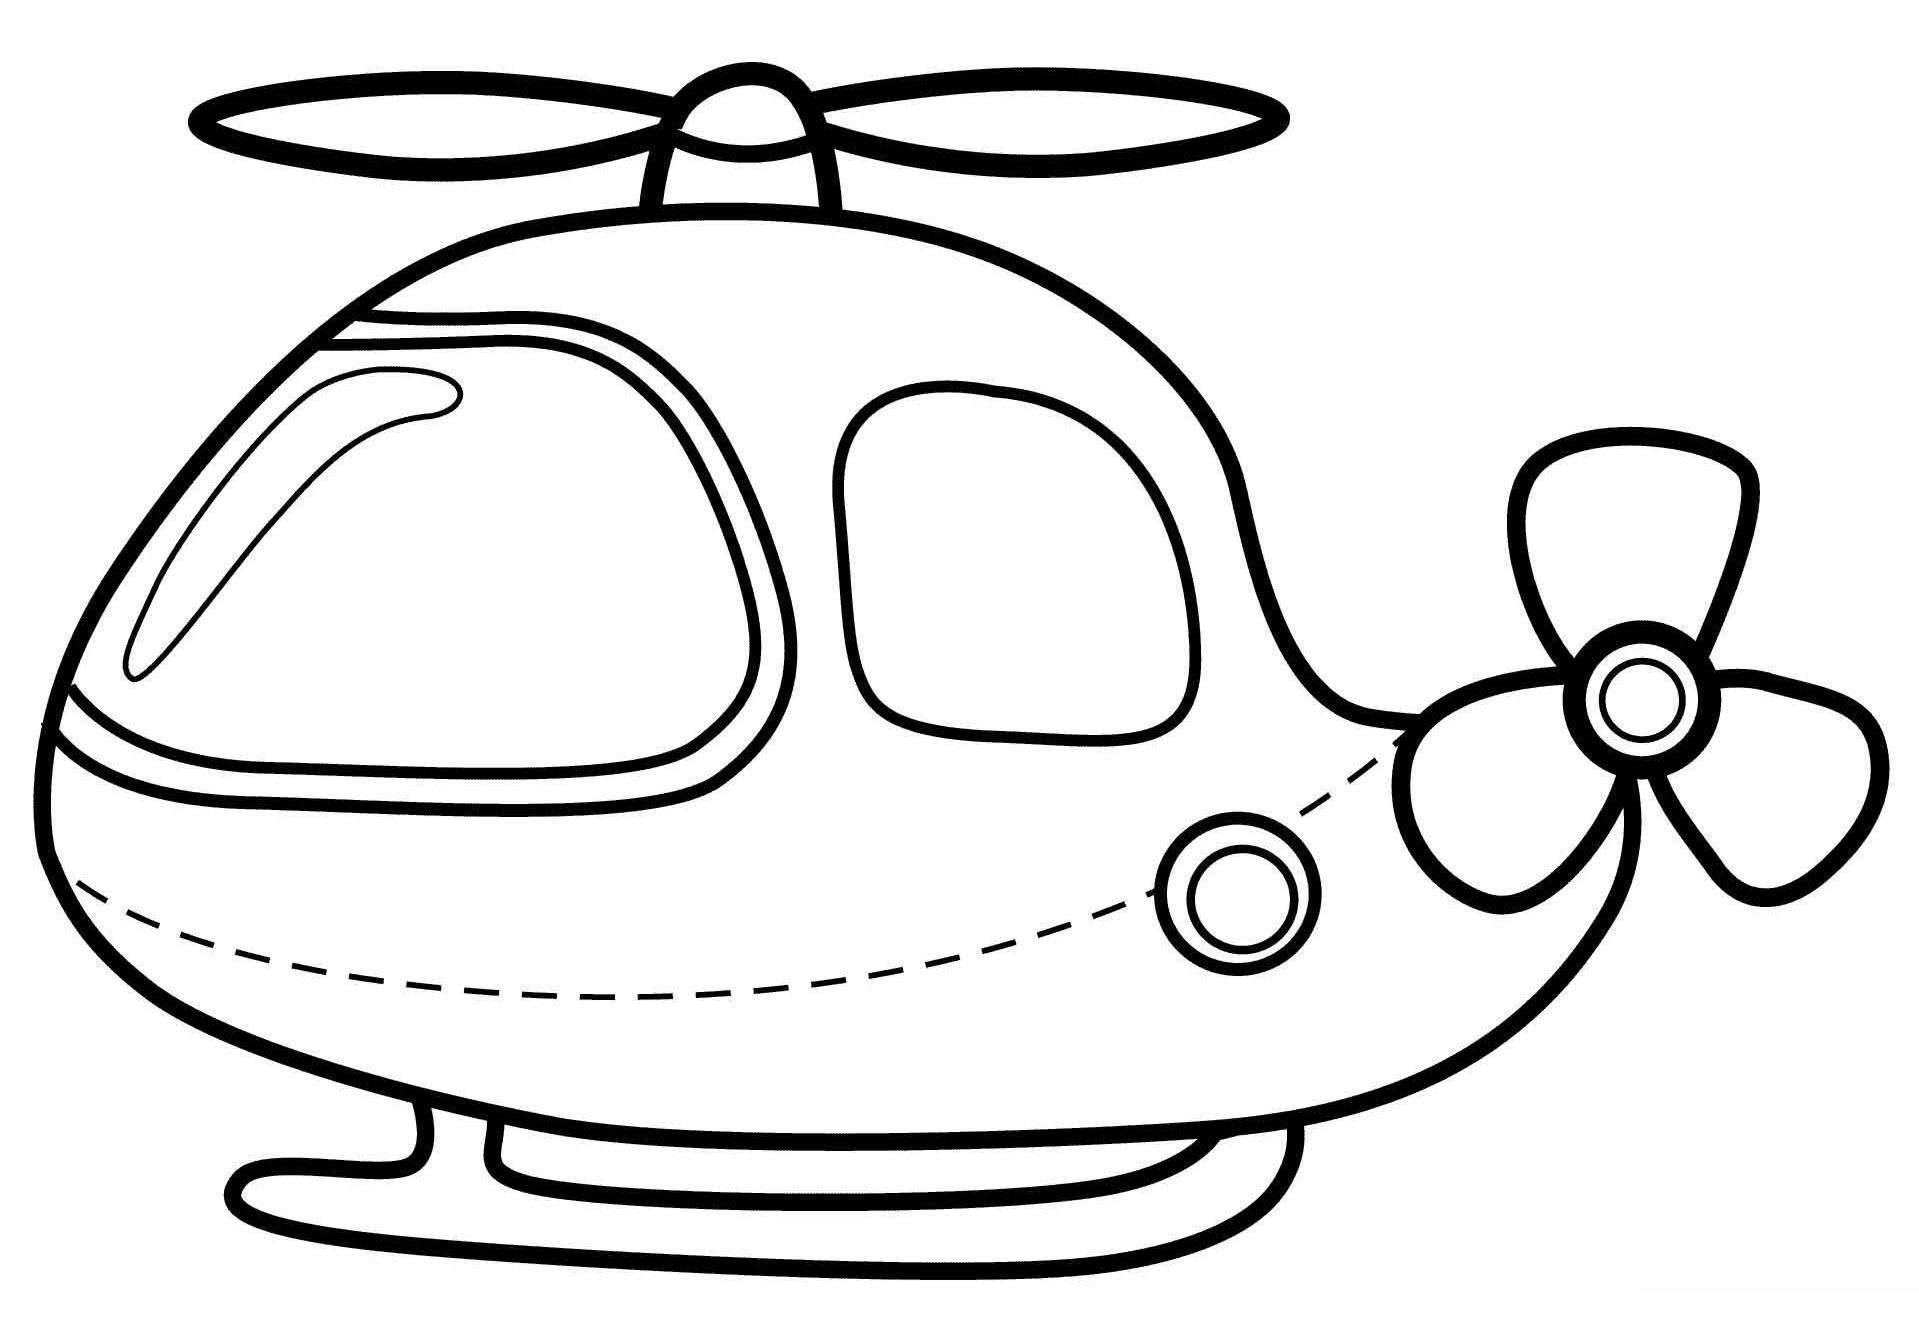 Раскраска Вертолёт распечатать или скачать бесплатно